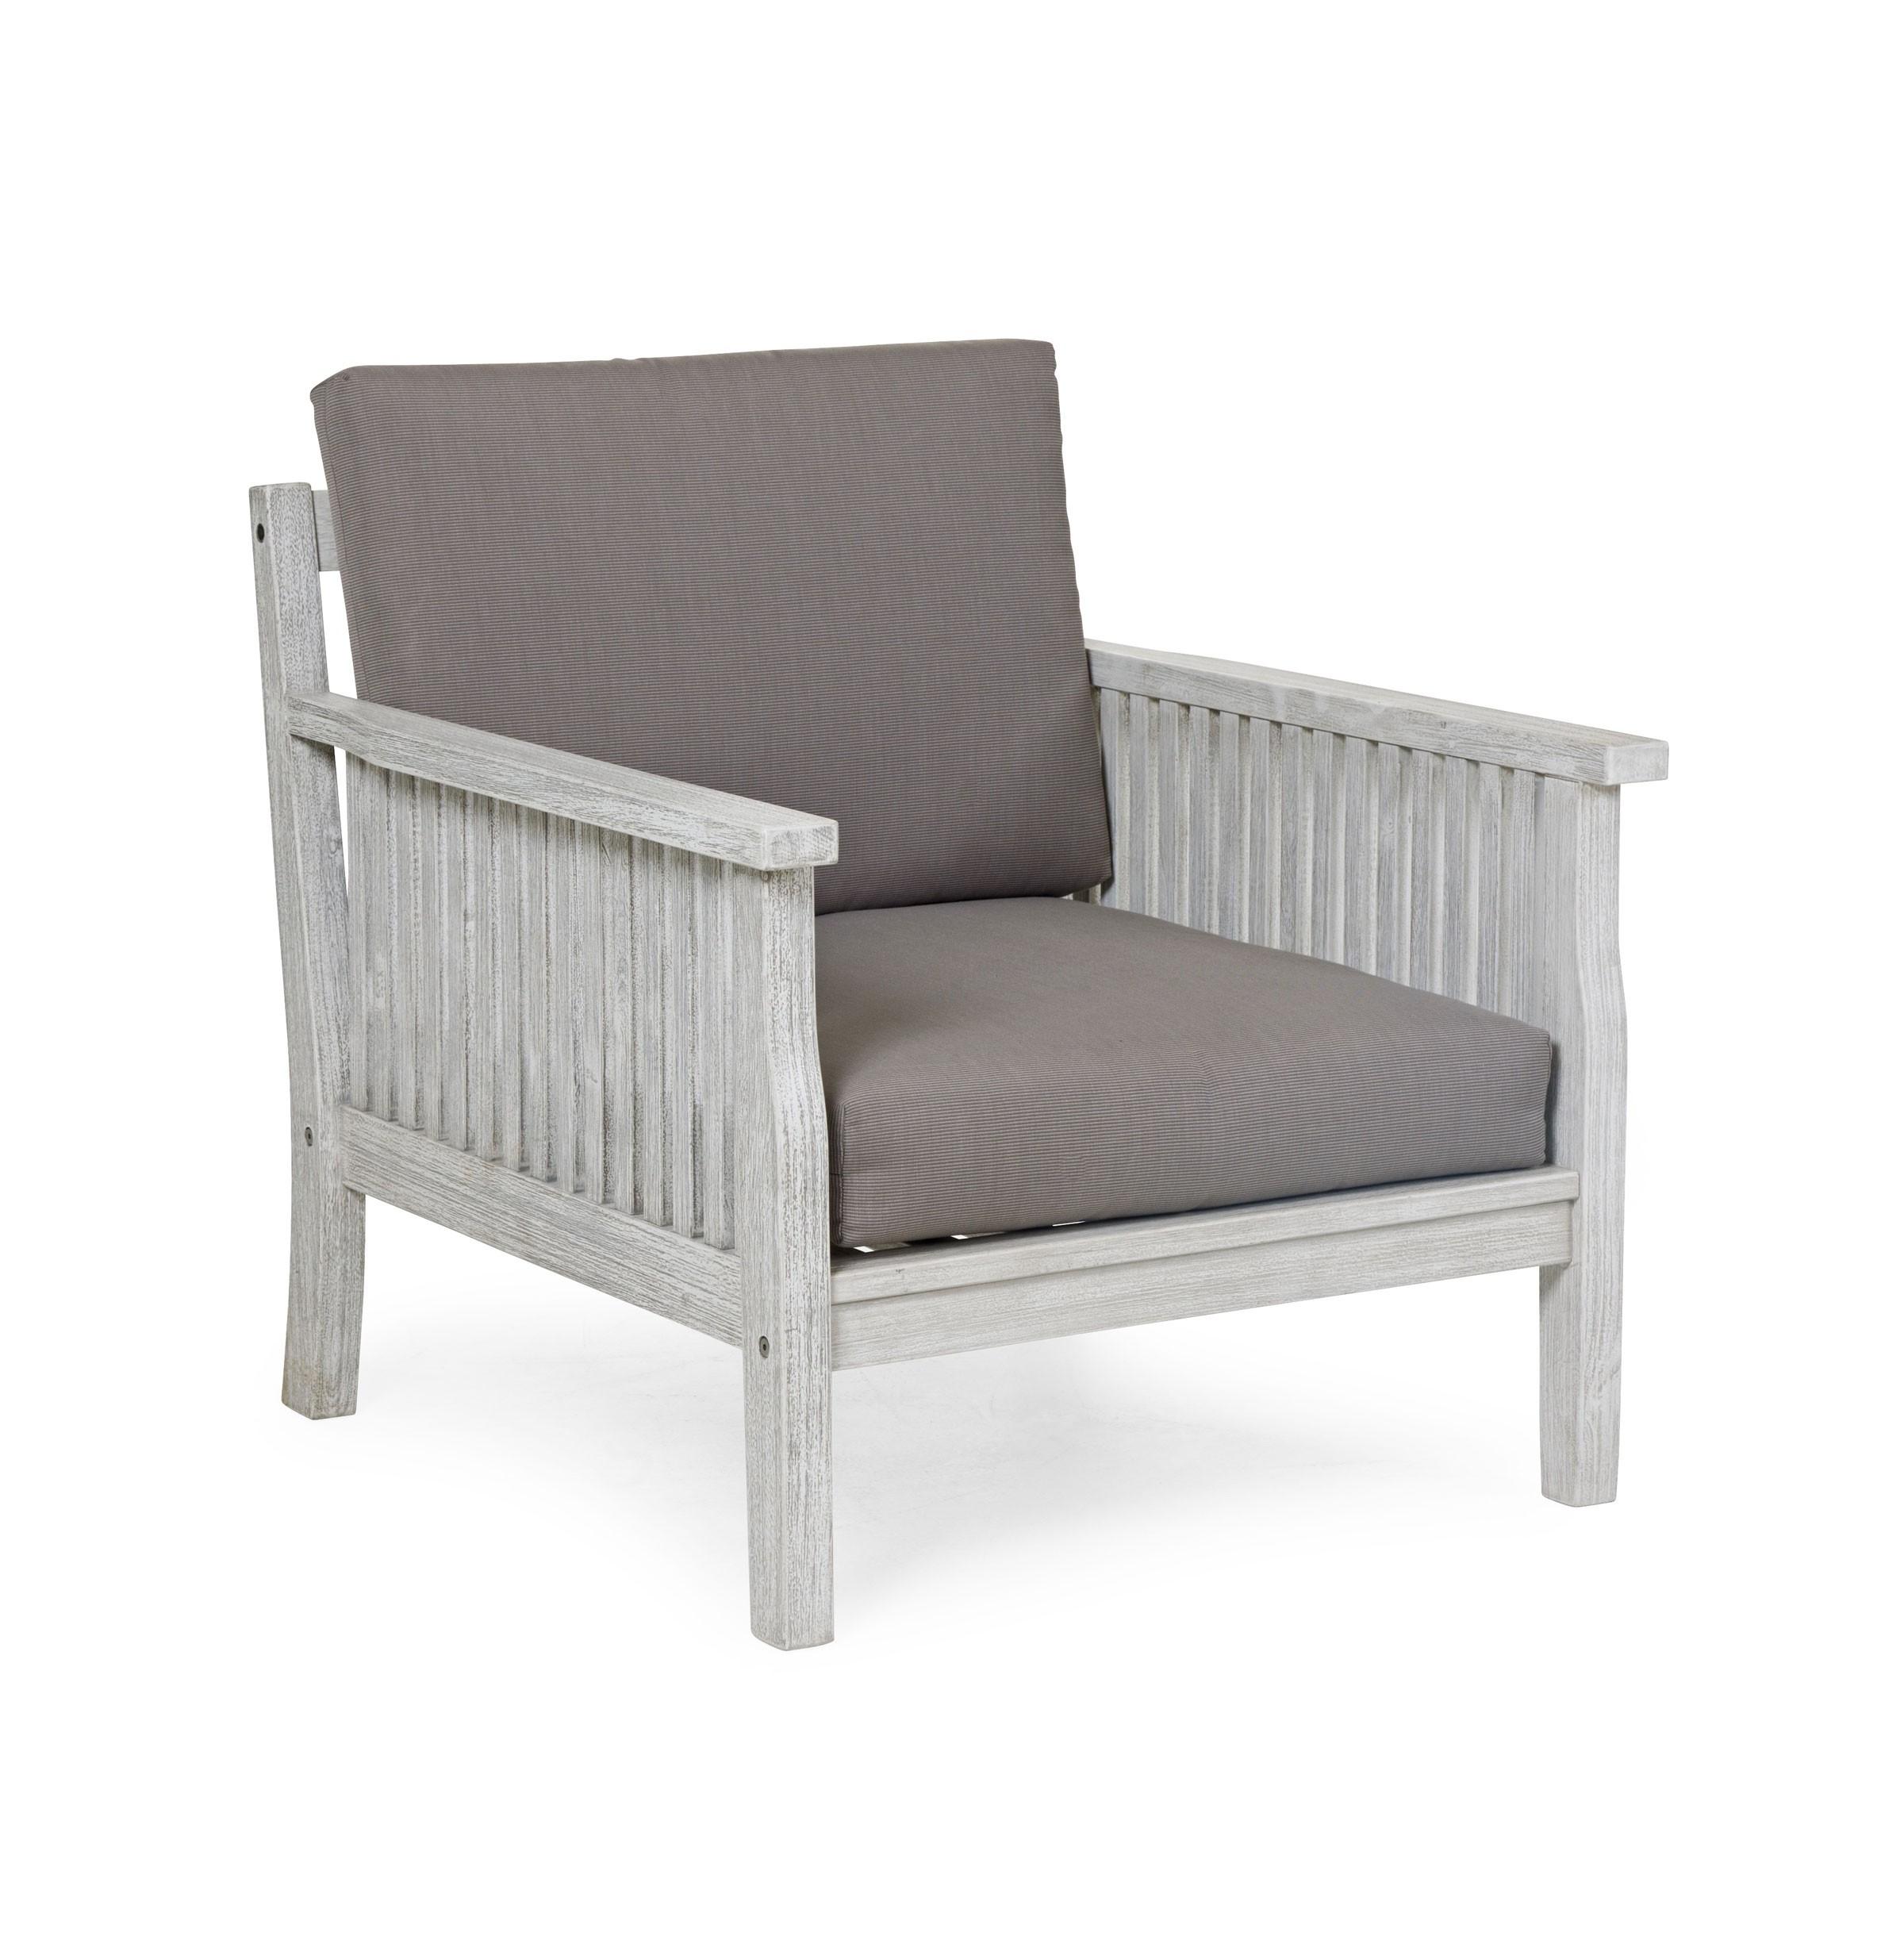 Кресло ArizonaКресла для сада<br>Кресло из коллекции Arizona  выполнено из массива акации, окрашенного в цвет &amp;quot;белый антик&amp;quot; - этот цвет имитирует эффект старины. Это удобное глубокое кресло, с которого Вам не захочется вставать. В комплект включены подушки серо-коричневого цвета. Требуется сборка.<br><br>Material: Акация<br>Length см: None<br>Width см: 74<br>Depth см: 77<br>Height см: 84